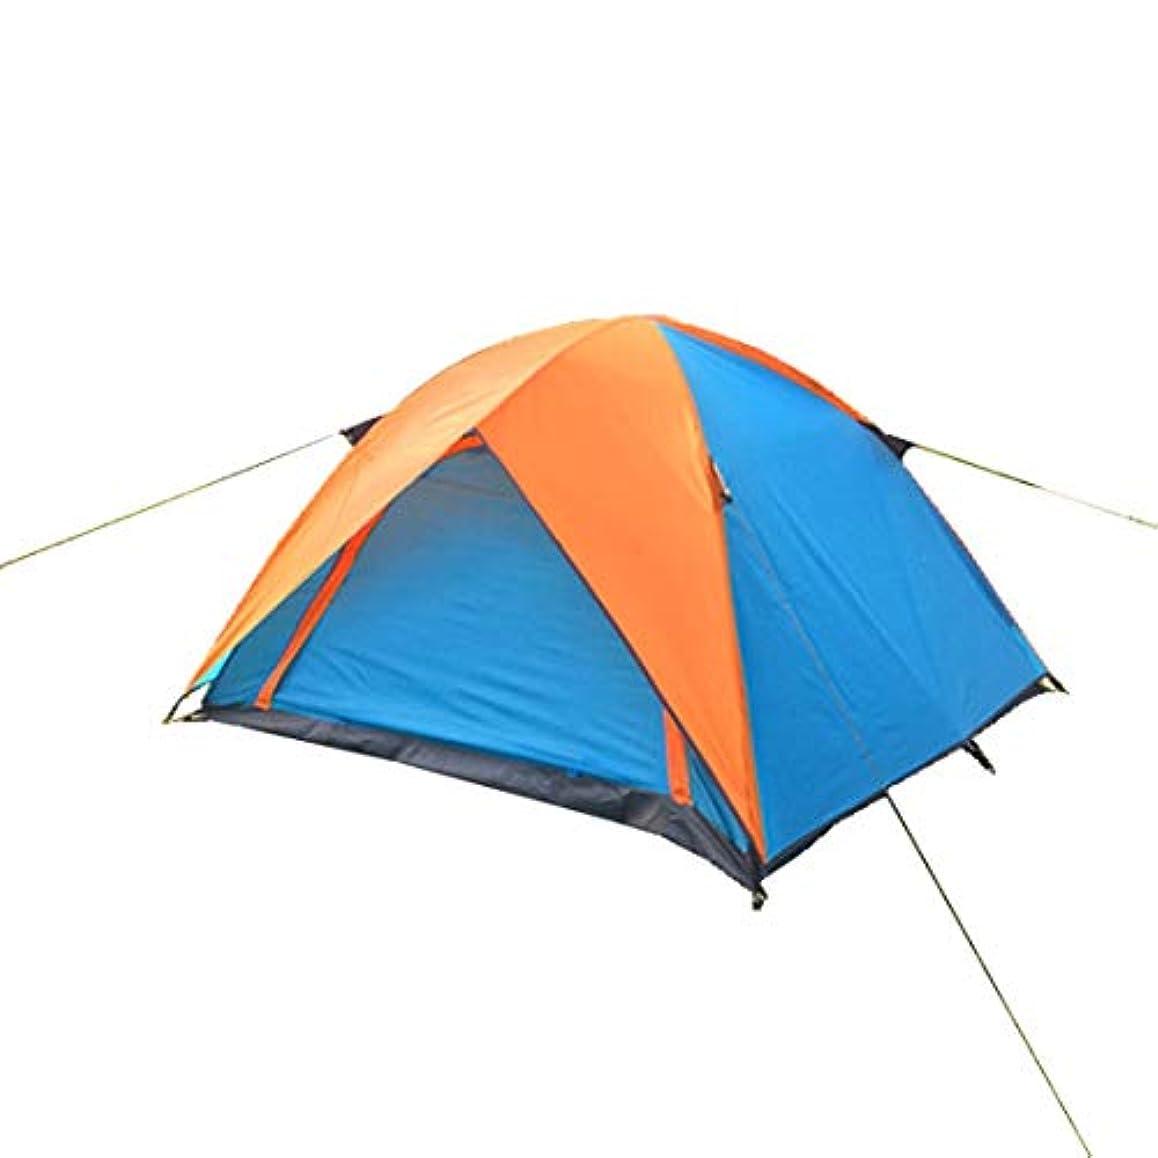 代理人とげみなすNekovan 登山用テント3-4人二重テント屋外の運動選手に適した防風日焼け止めテント (色 : Blue and orange)